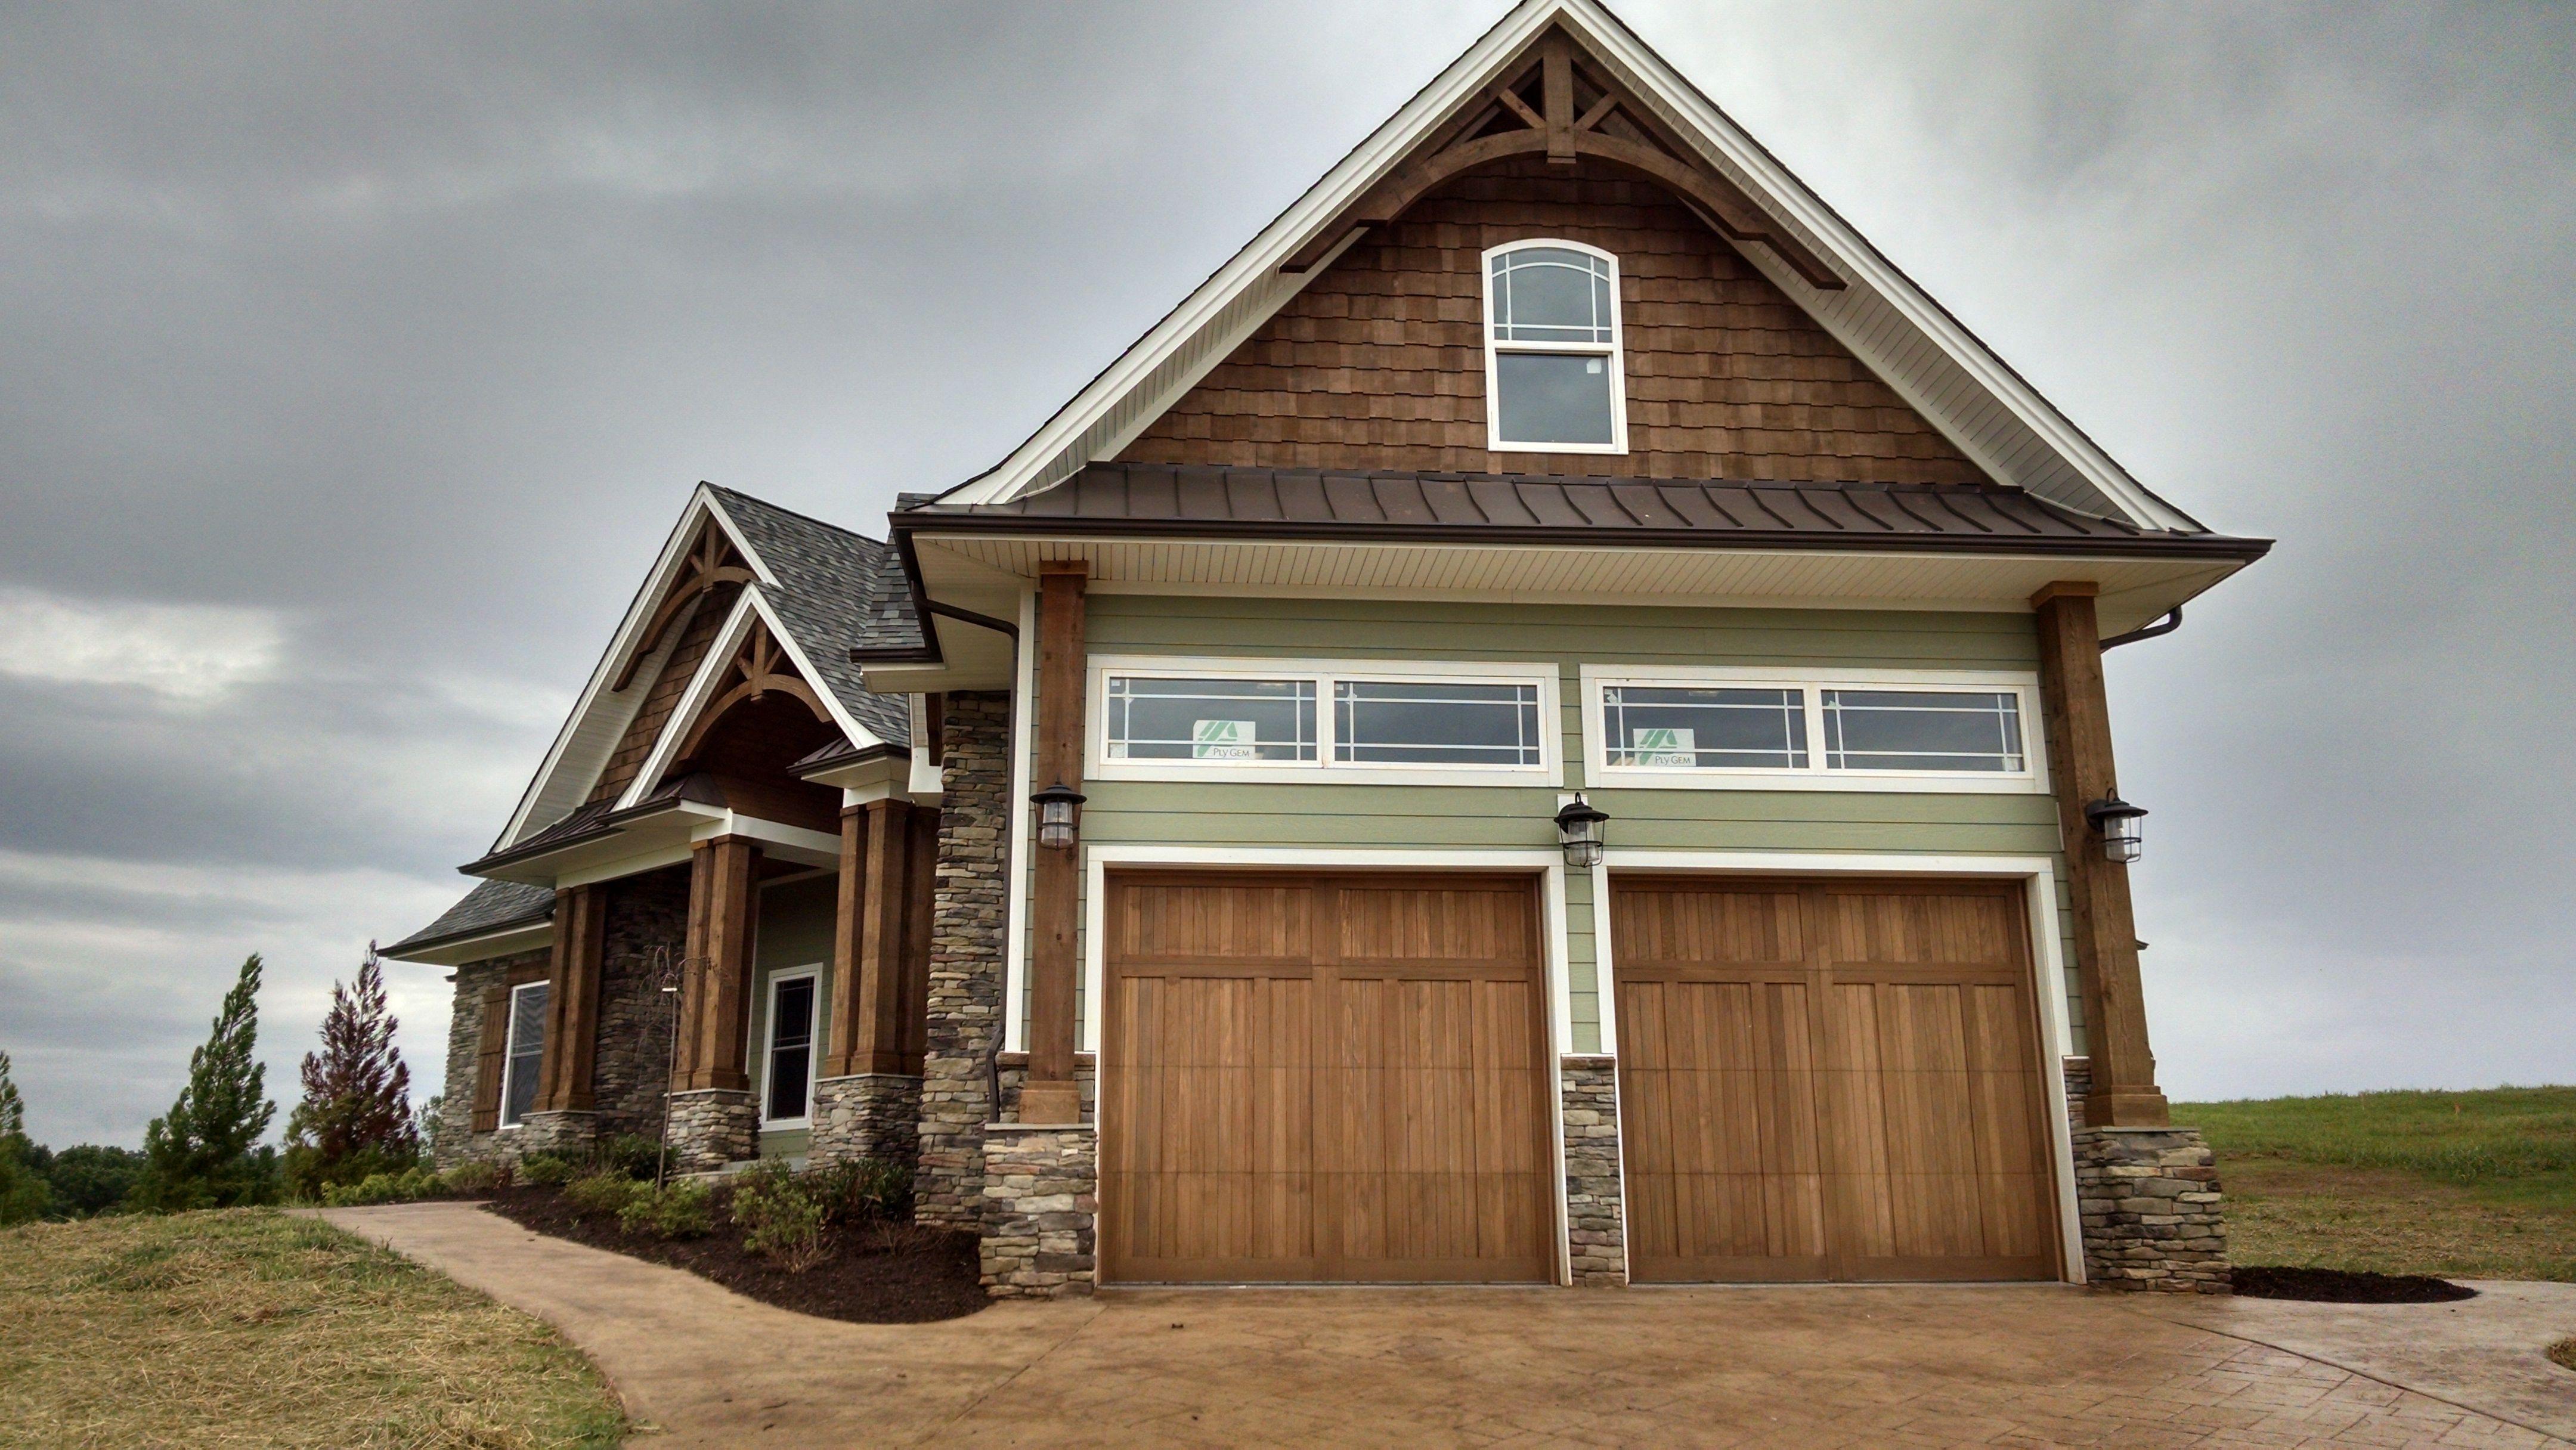 C.H.I. Overhead Doors Wood Garage Door Model 5432 In Cedar. Www.chiohd.com